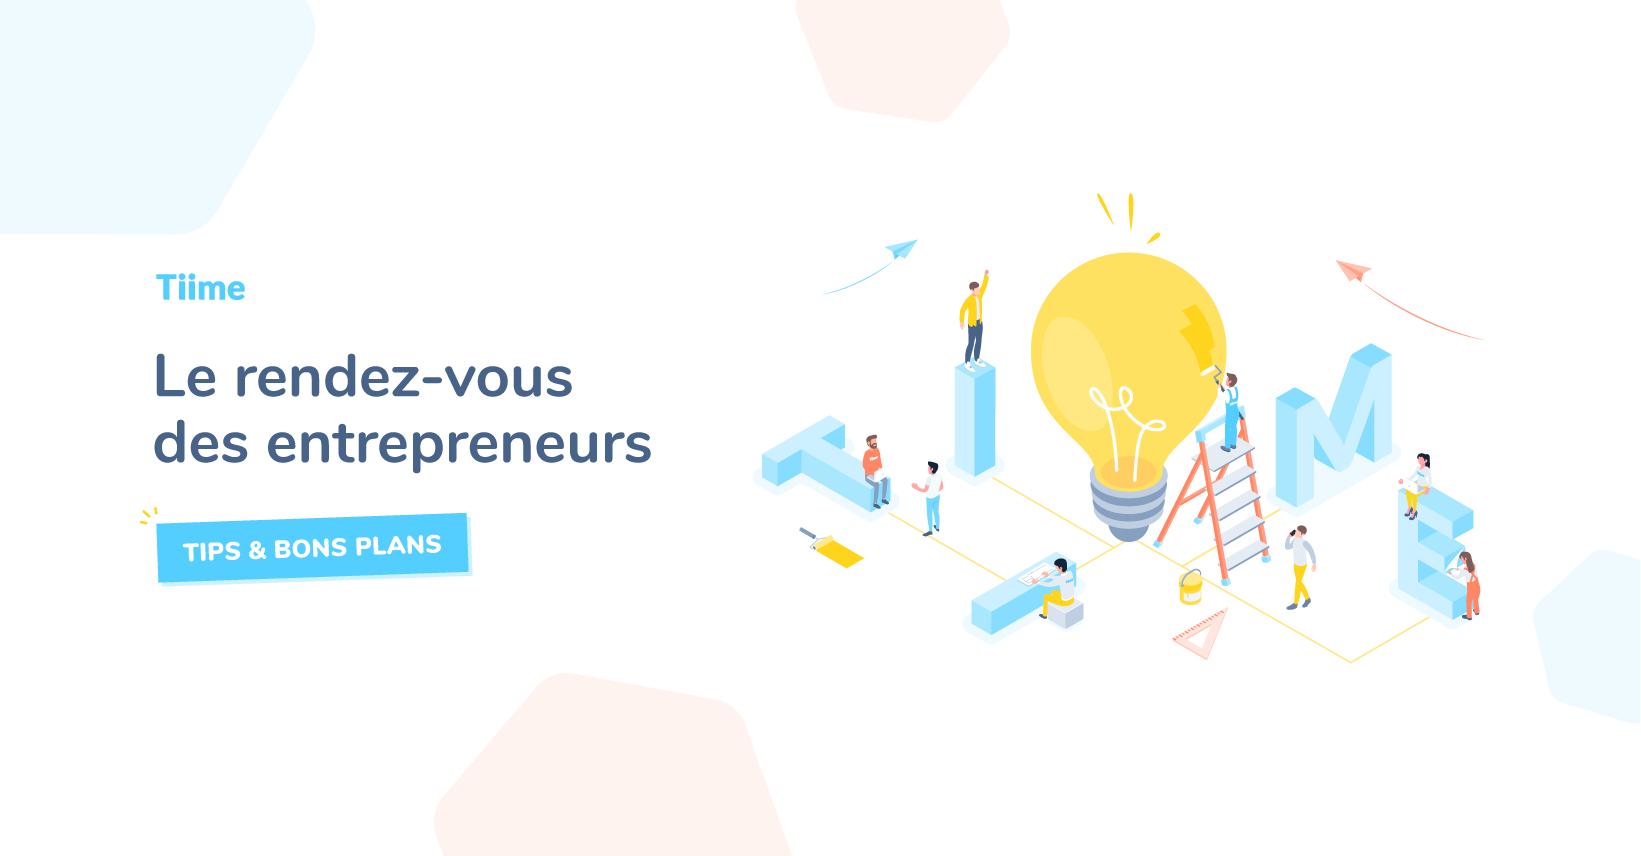 Le rendez-vous des entrepreneurs (tips & bons plans) par Tiime